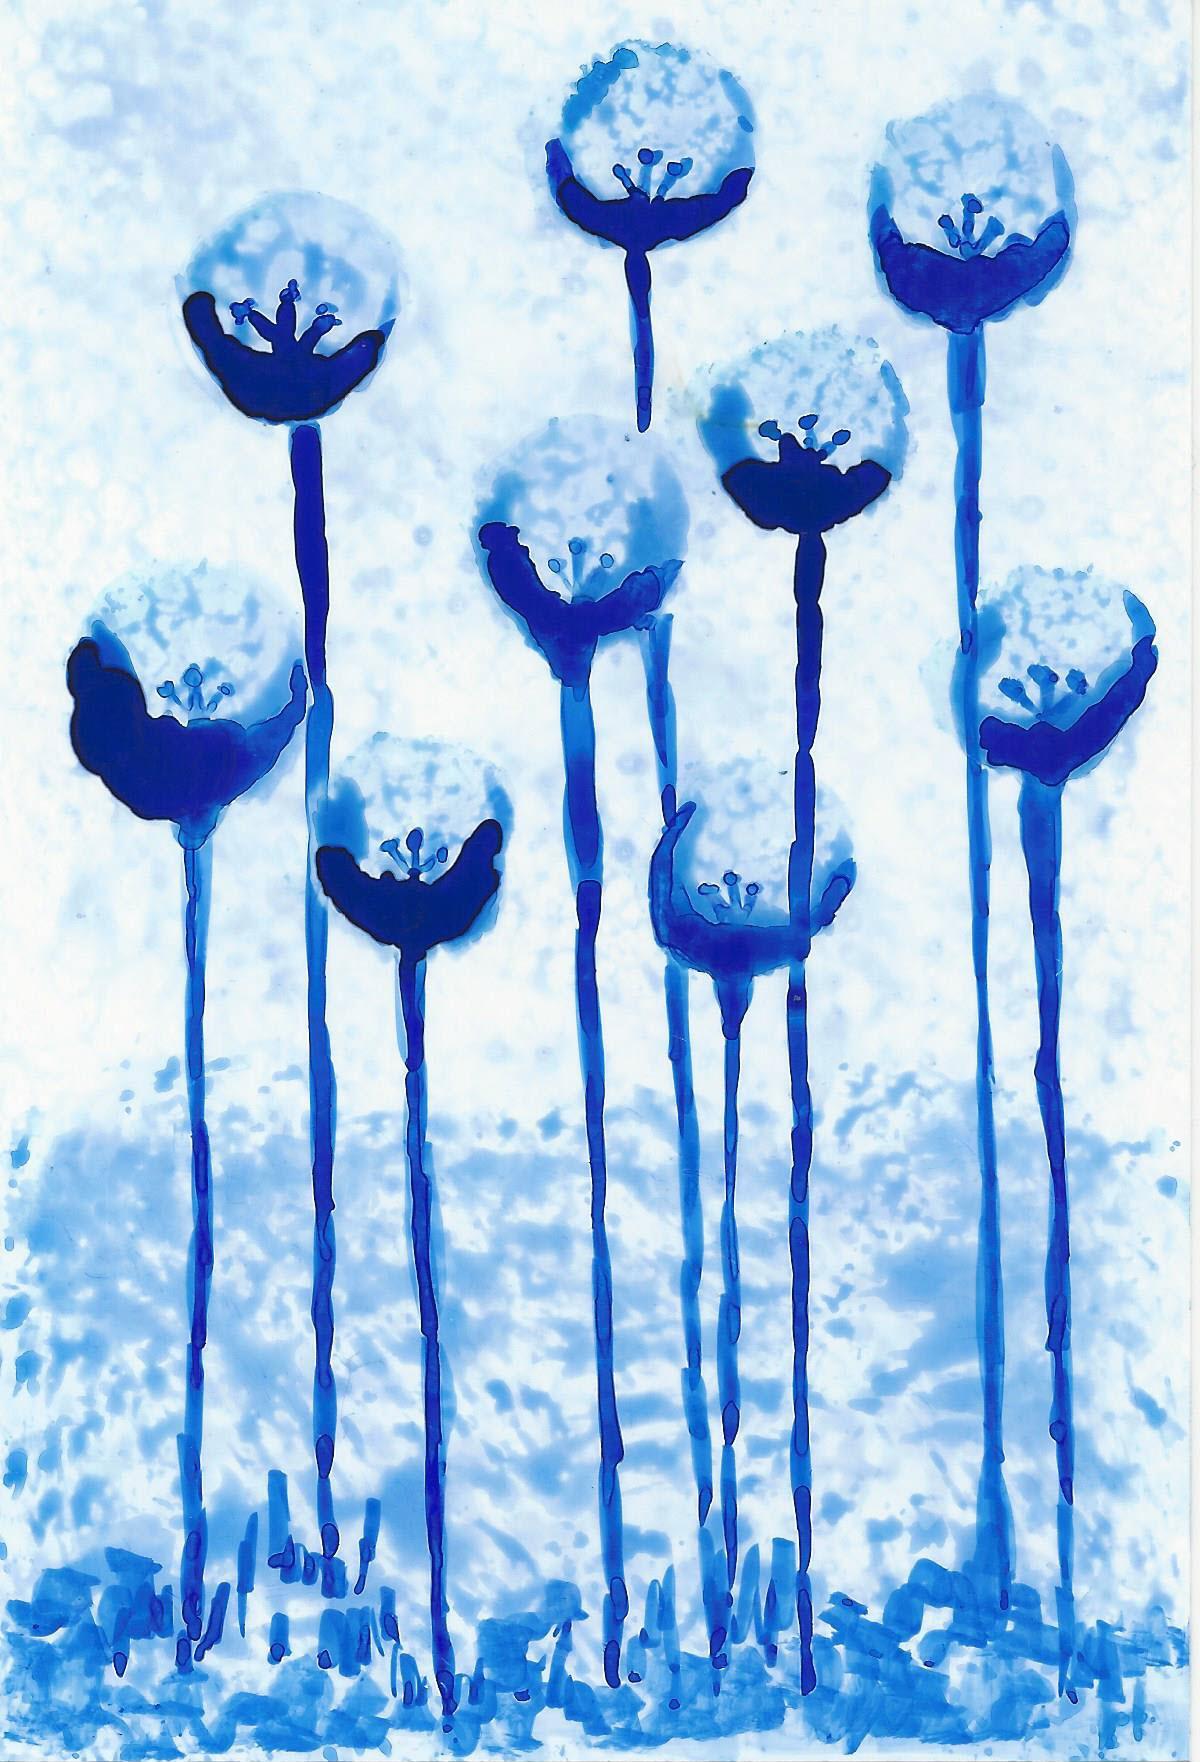 fpn_1555613821__callifolio_-_bleu_azur_-